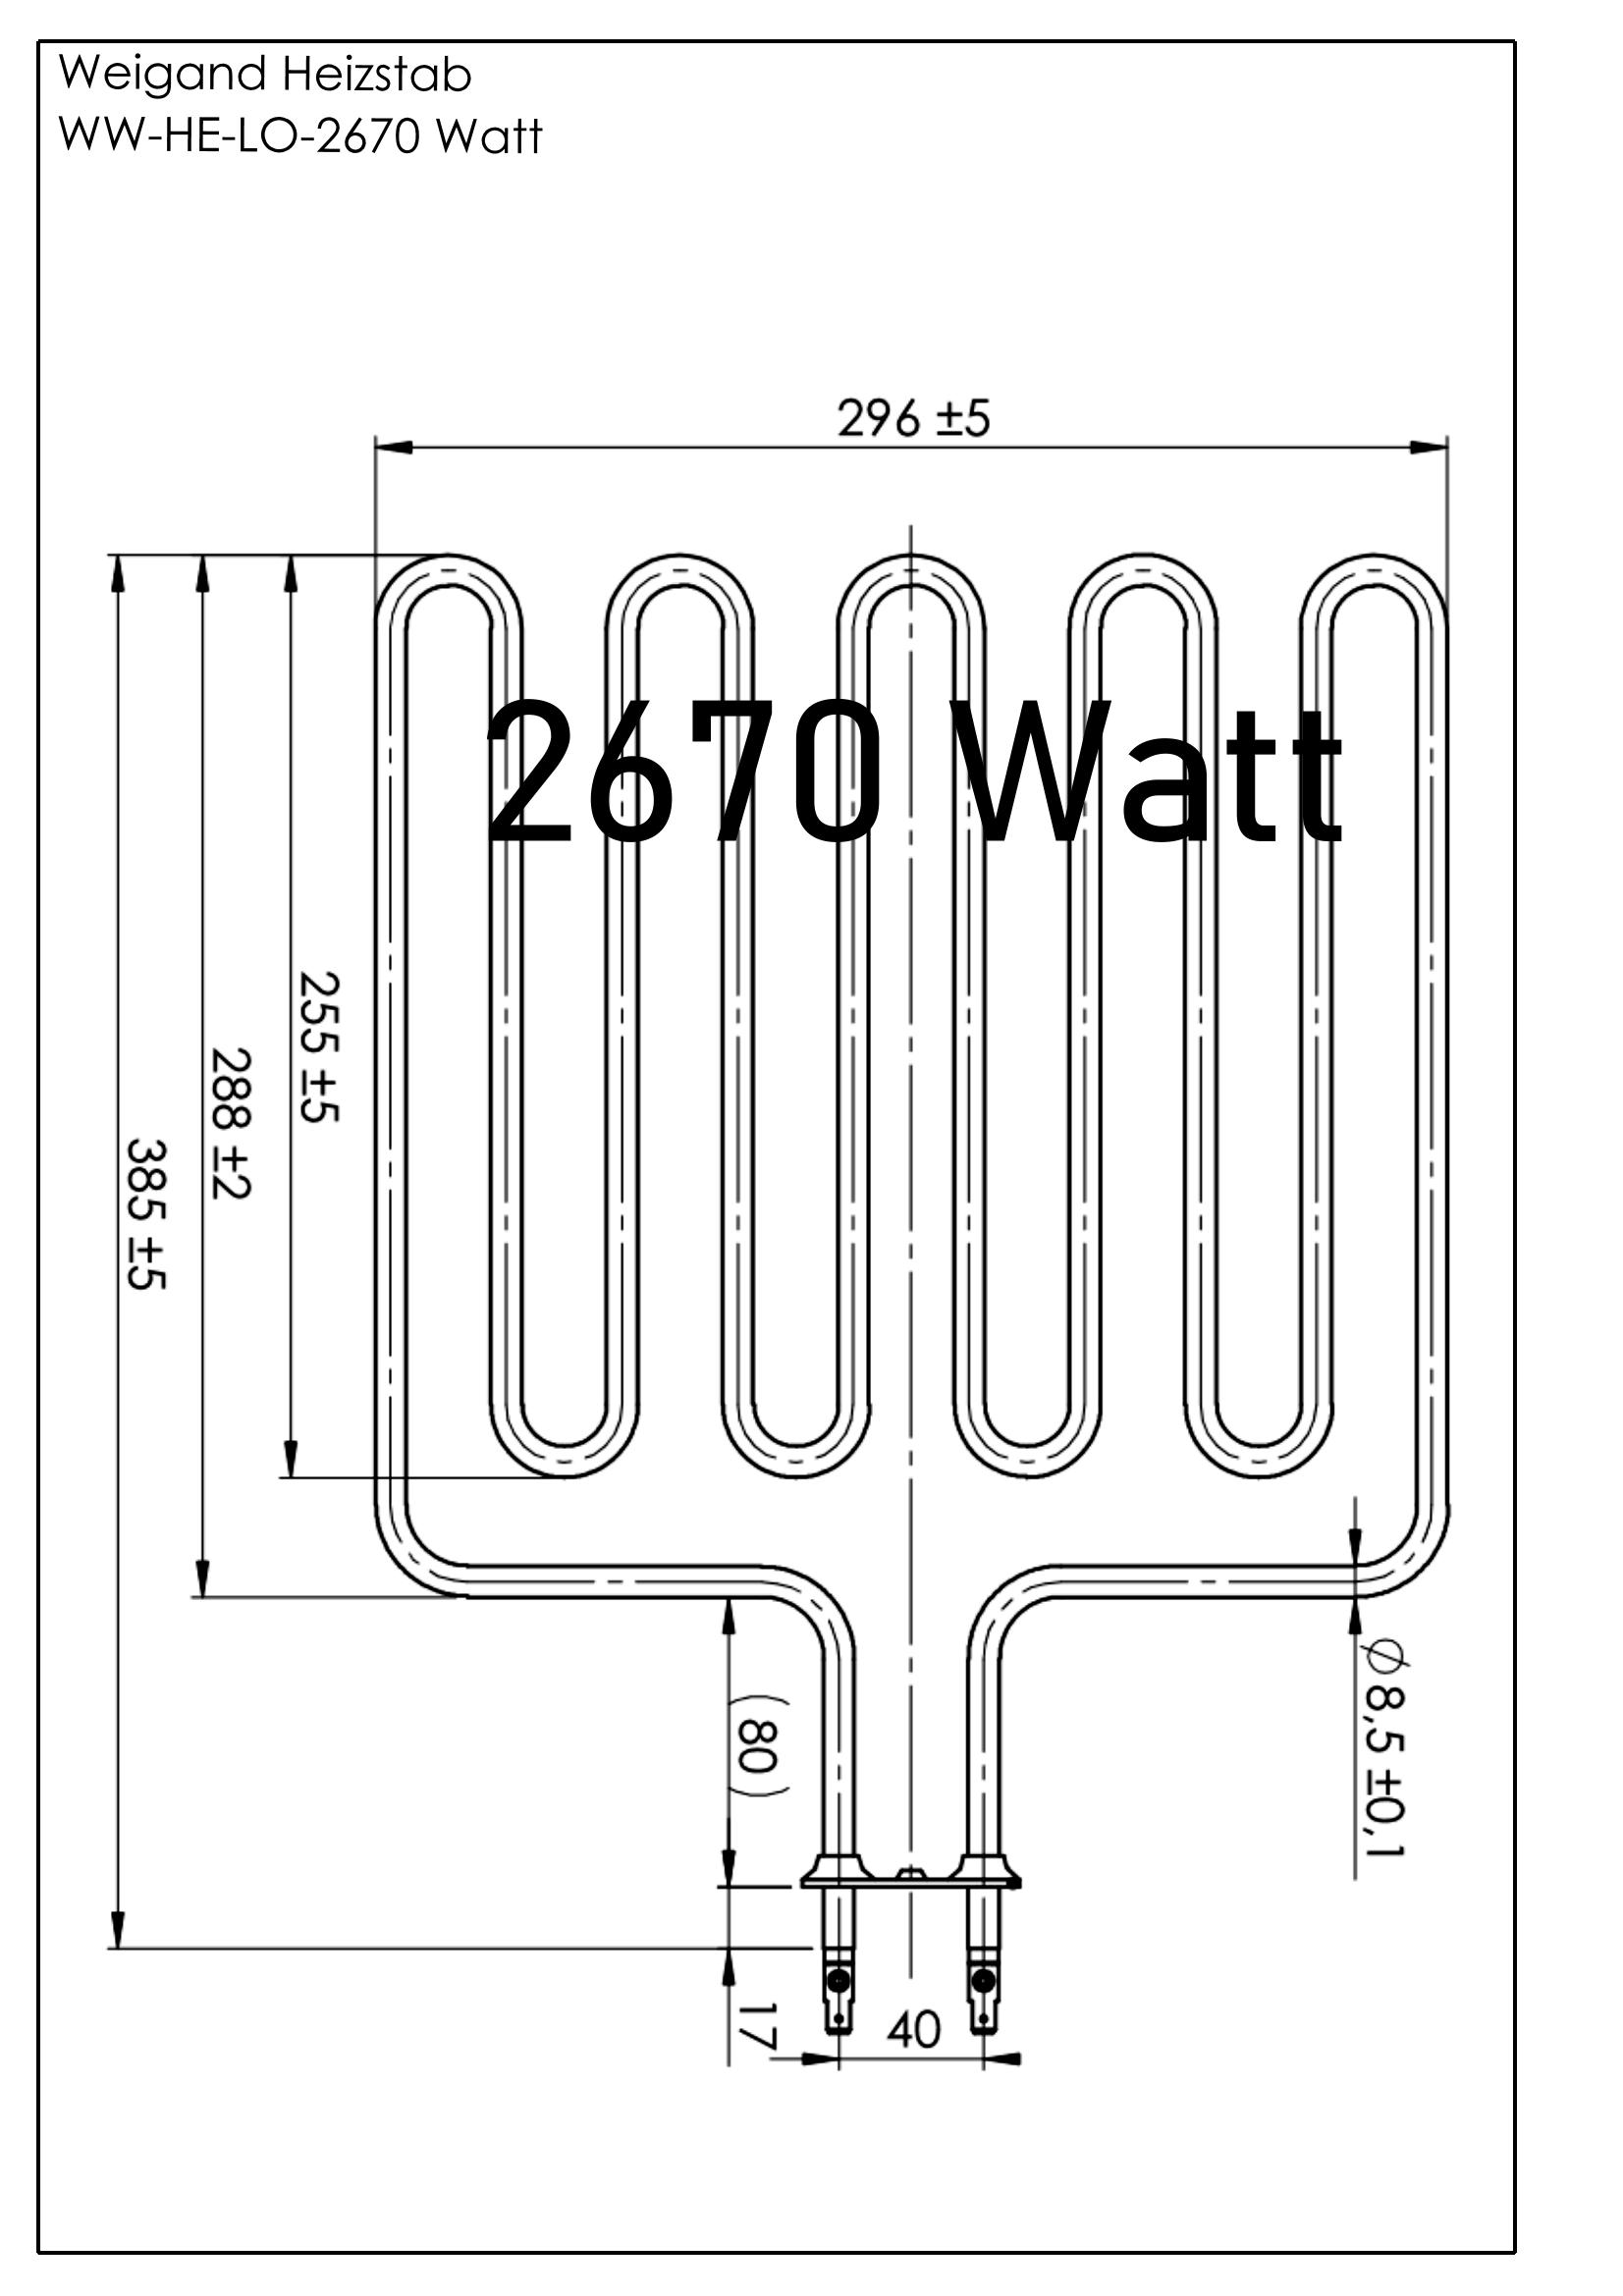 Heizstab Edelstahl 2670 Watt